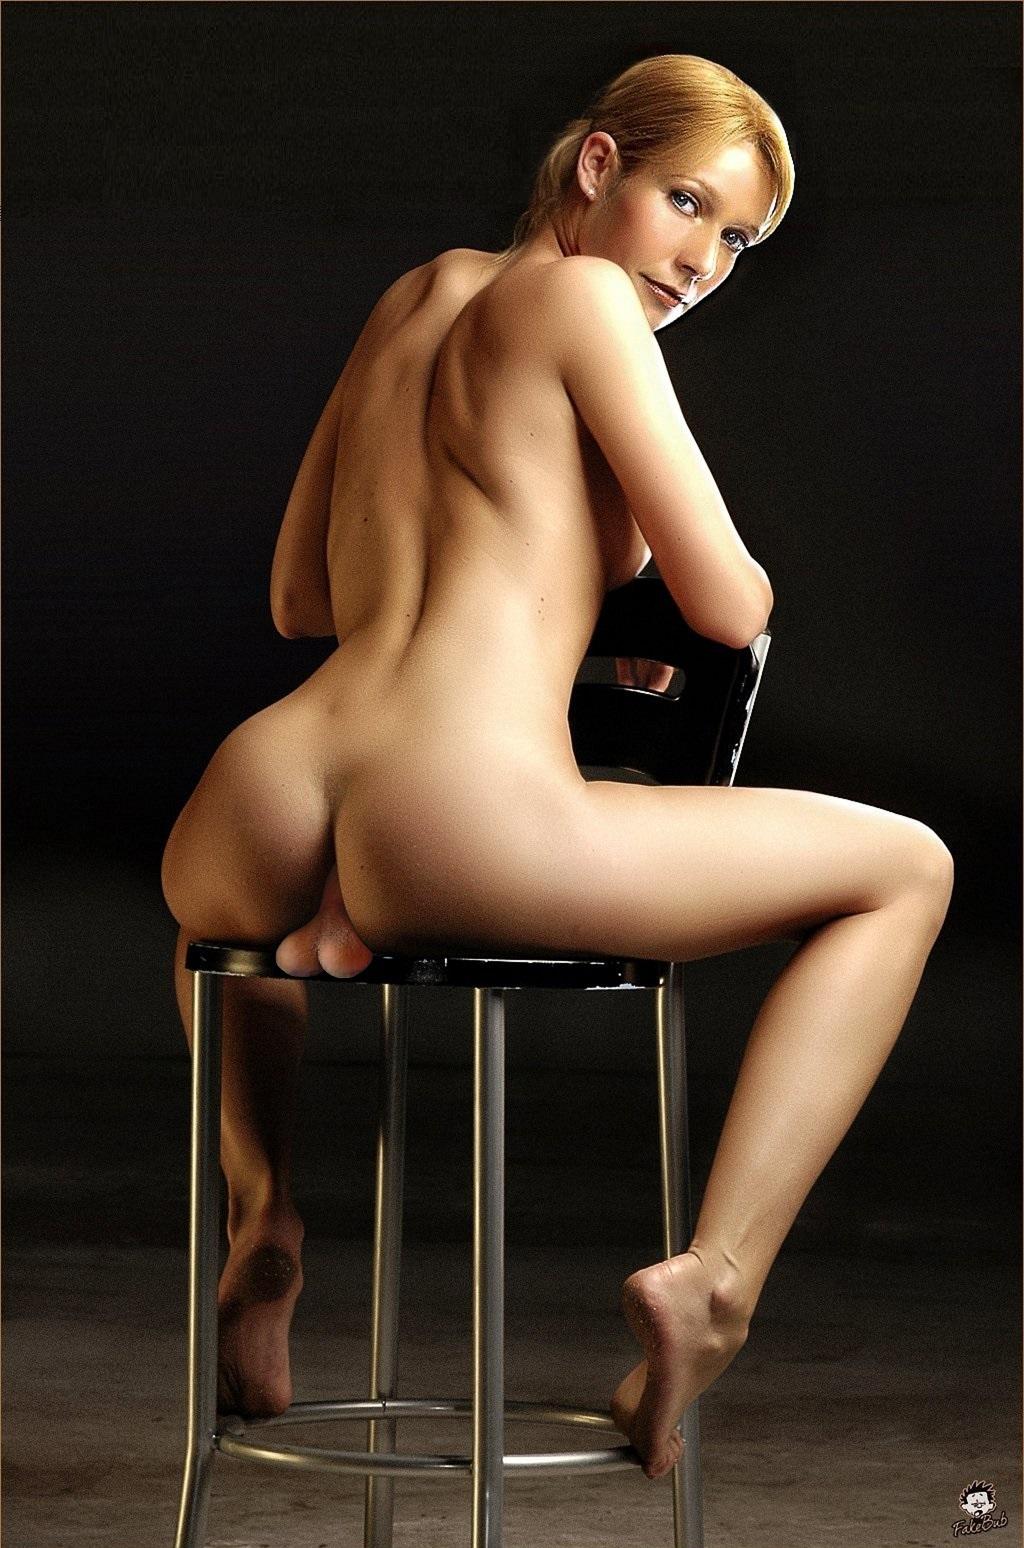 Gwyneth Paltrow Hot Nude